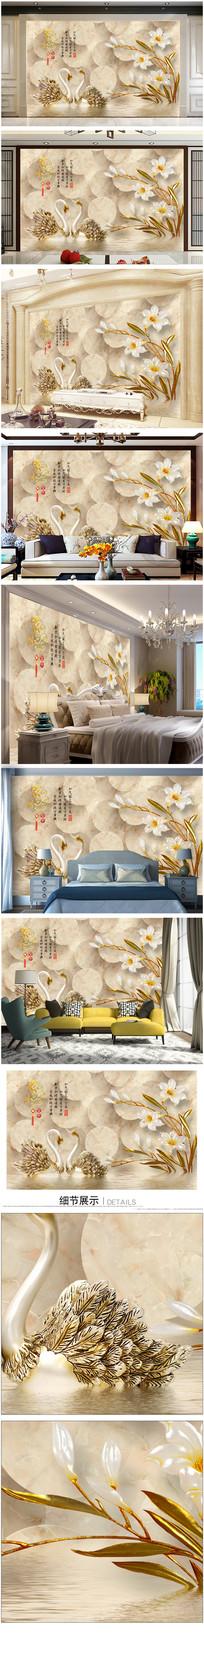 天鹅鲜花3D背景墙